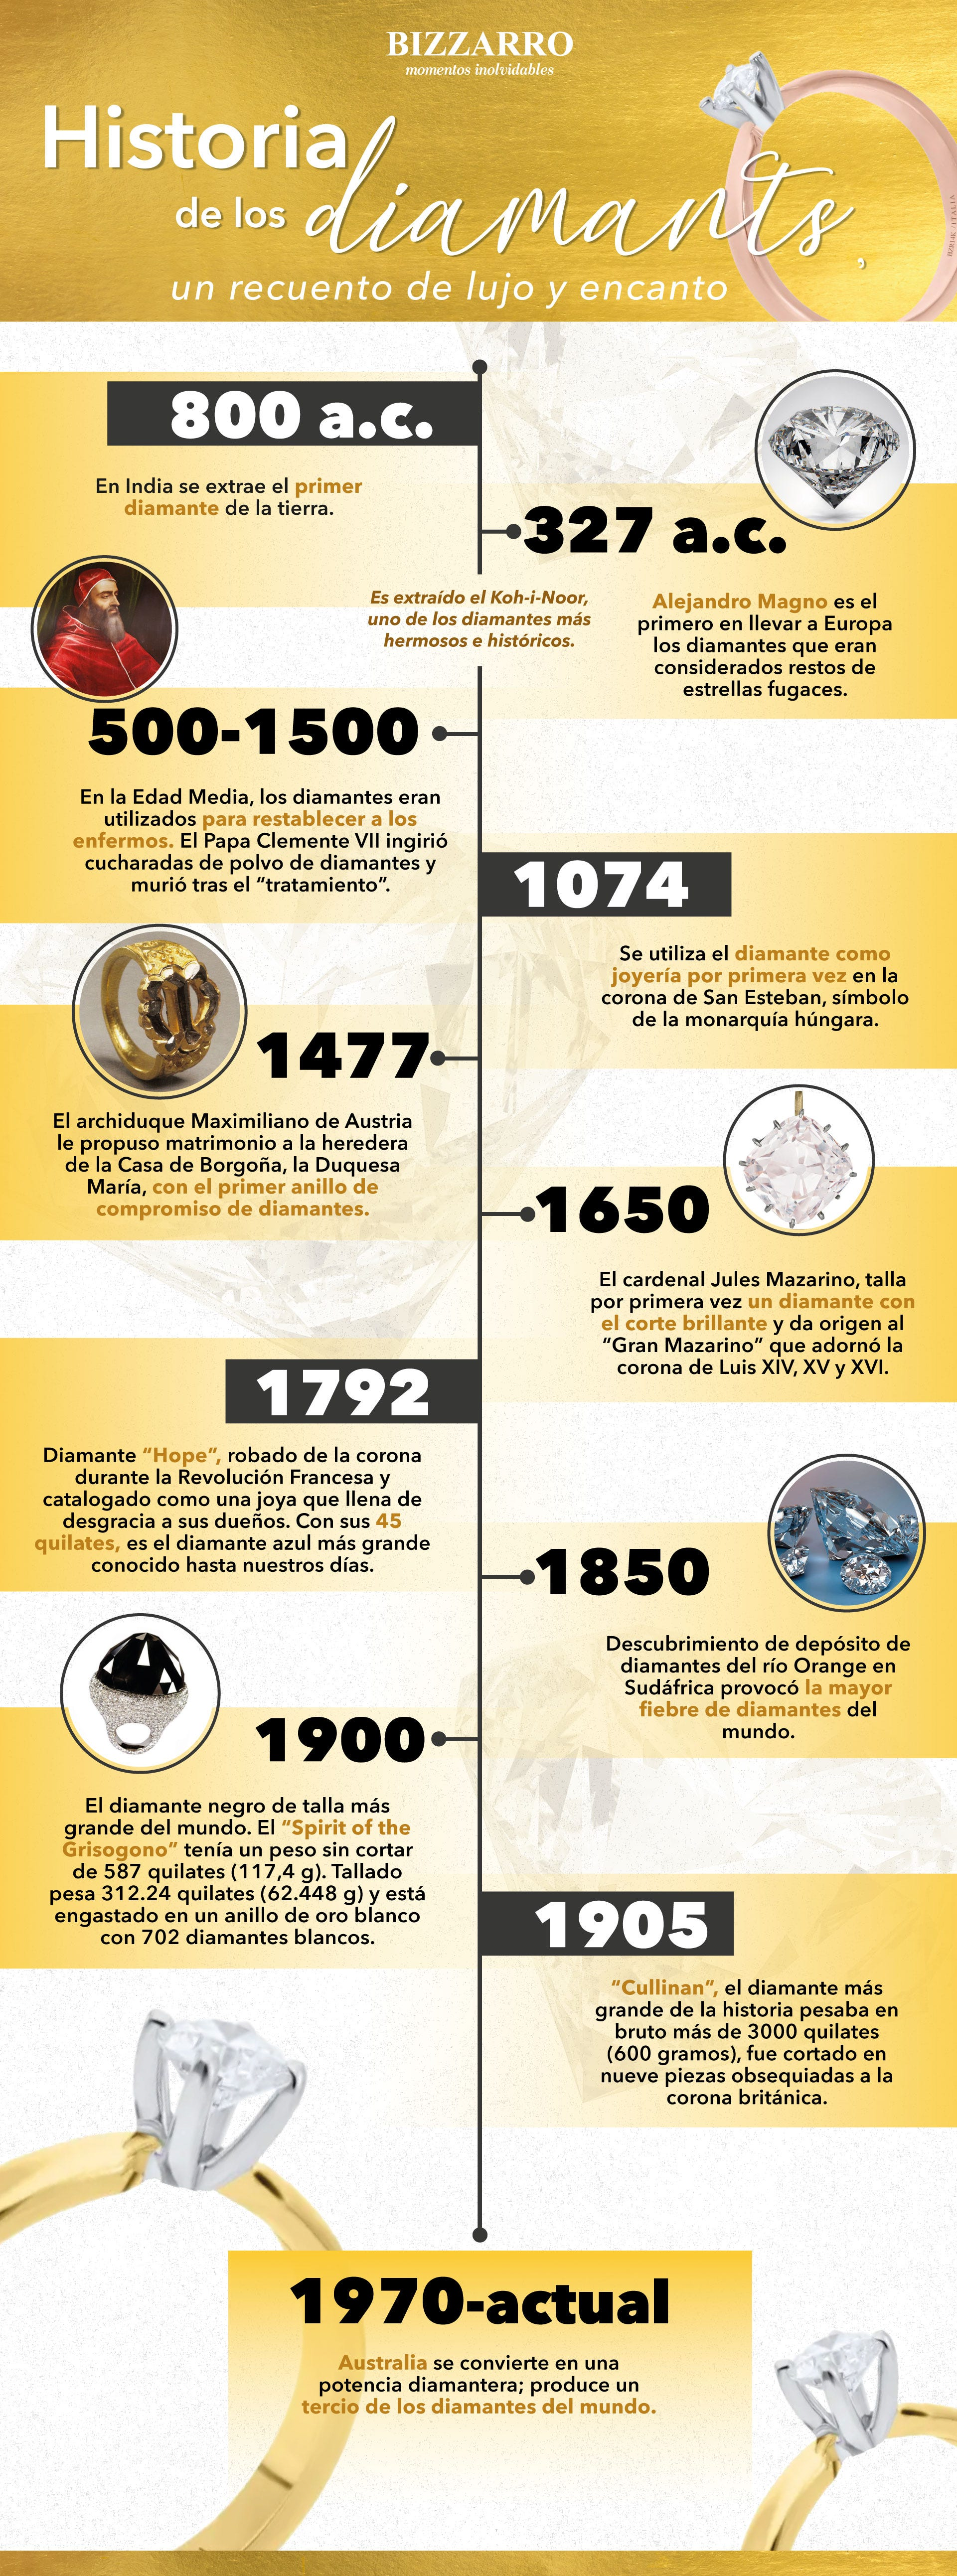 800 a.c. En India se extrae el primer diamante de la tierra 327 a.c. Alejandro Magno es el primero en llevar a Europa los diamantes que eran considerados restos de estrellas fugaces. 500-1500. En la Edad Media, los diamantes eran utilizados para restablec